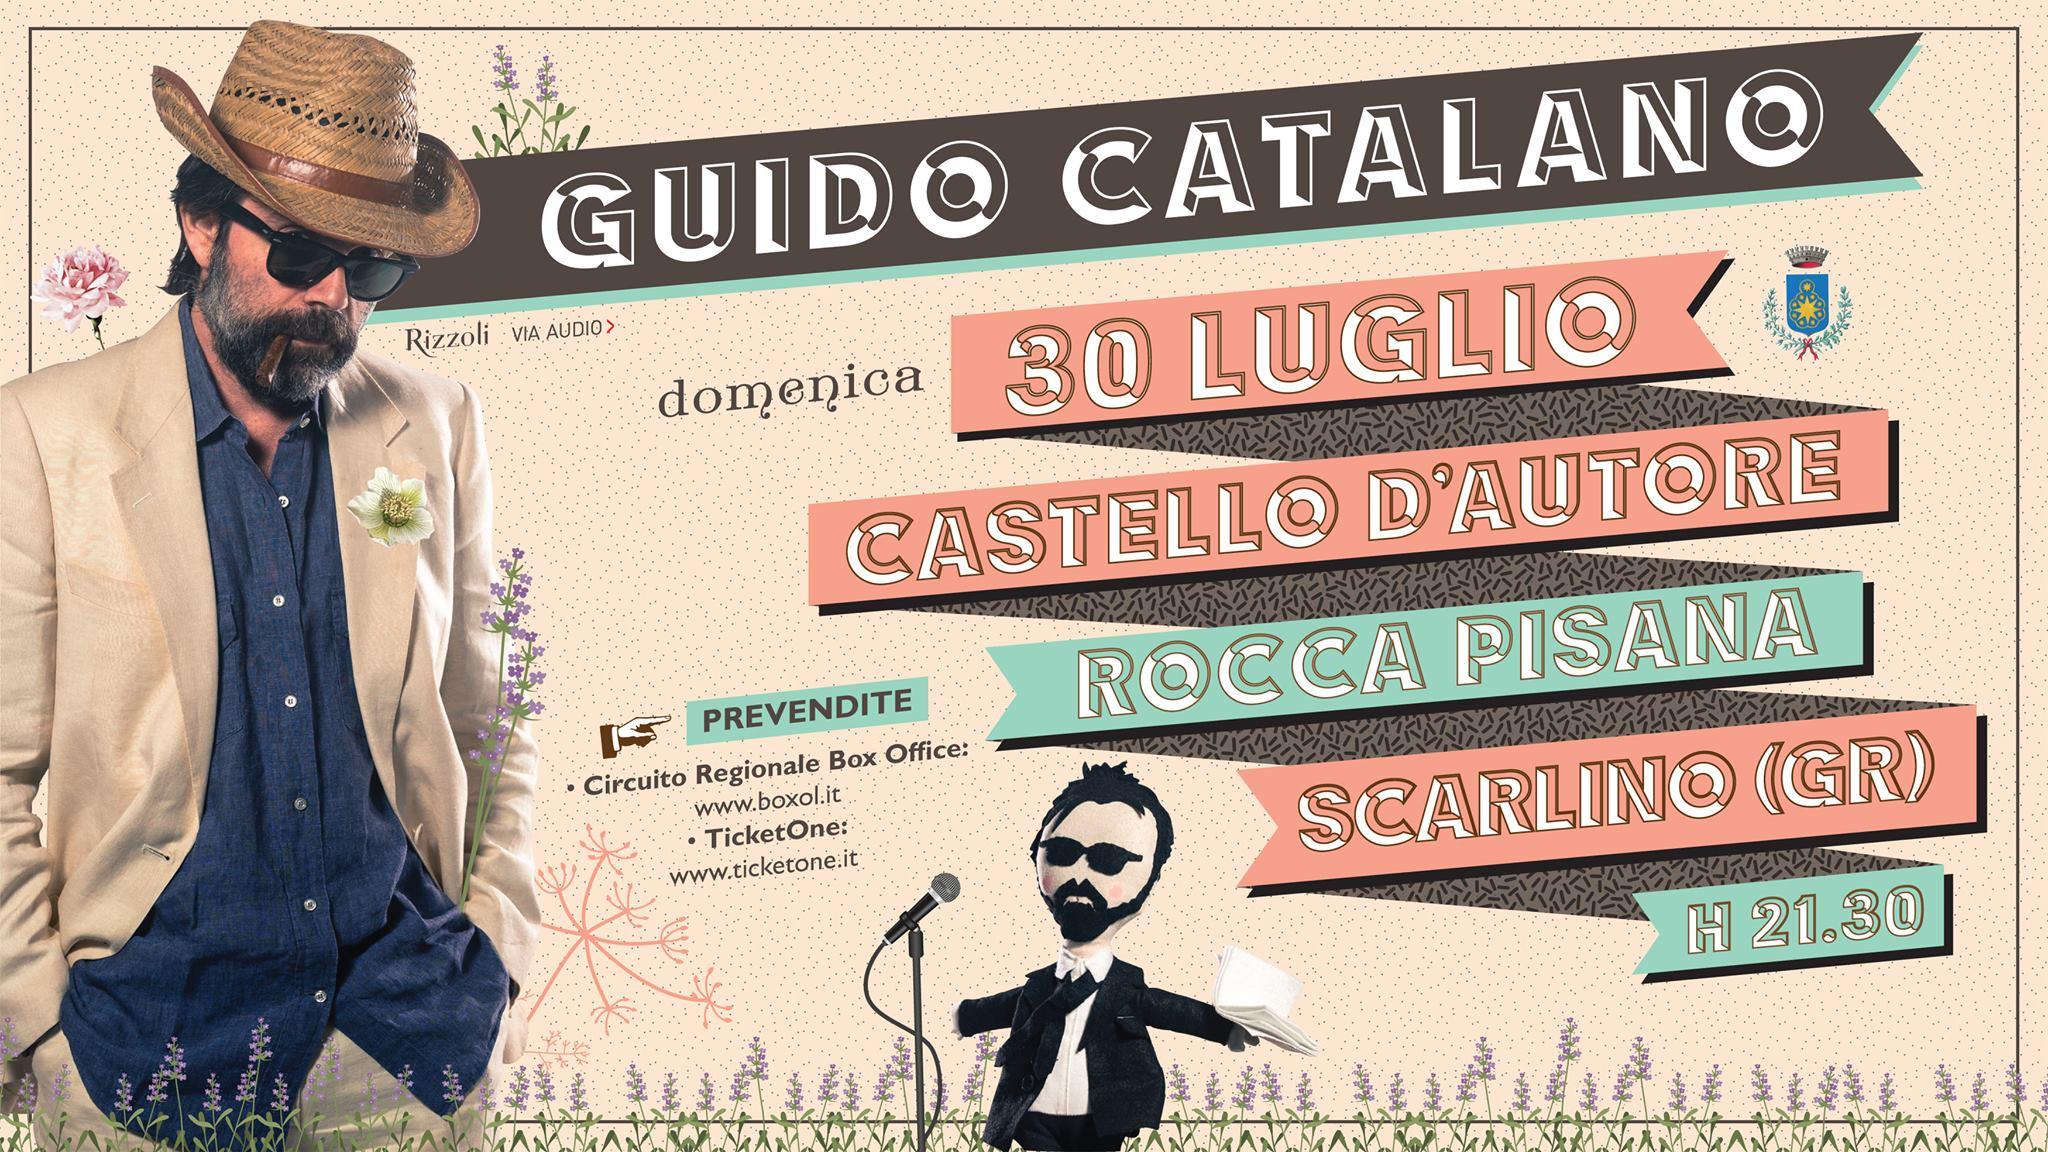 Guido Catalano al Castello d'Autore